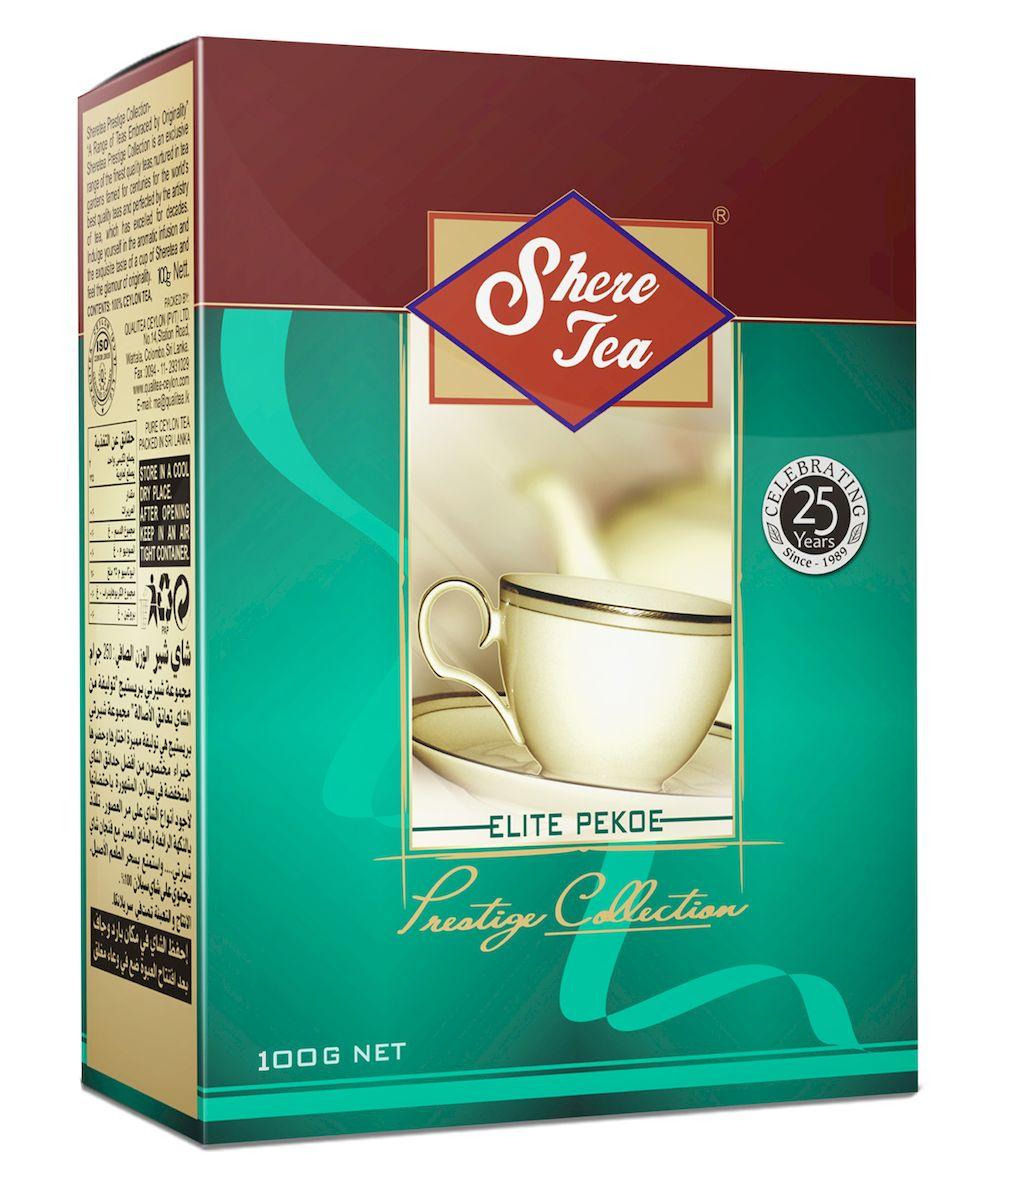 Shere Tea Престижная коллекция. PEKOE чай черный листовой, 100 г10703Shere Tea Prestige Collection - это эксклюзивные сорта лучшего 100% цейлонского чая, выращенного в гористой местности на золотых плантациях, знаменитых более столетия. Вы получите наслаждение от аромата и особенного вкуса в каждой чашке чая Шери и прикоснетесь к очарованию его новизны.Чай Шери Престижная коллекция изготовлен из крупного листа стандарта РЕКОЕ. Этот чай состоит из более коротких и более взрослых, чем OP листьев. В сбор идут, как правило, вторые от почки листья. Поэтому в этом чае меньше содержание кофеина, чем в ОР, но зато он имеет более выраженную горчинку во вкусе, что нравится многим любителям чая. Чем более взрослый лист, тем в нем больше танина и дубильных веществ, которые и дают эту самую горчинку. Чай имеет яркий, прозрачный, интенсивный, настой. Аромат чая полный, приятный, выражен достаточно ярко.